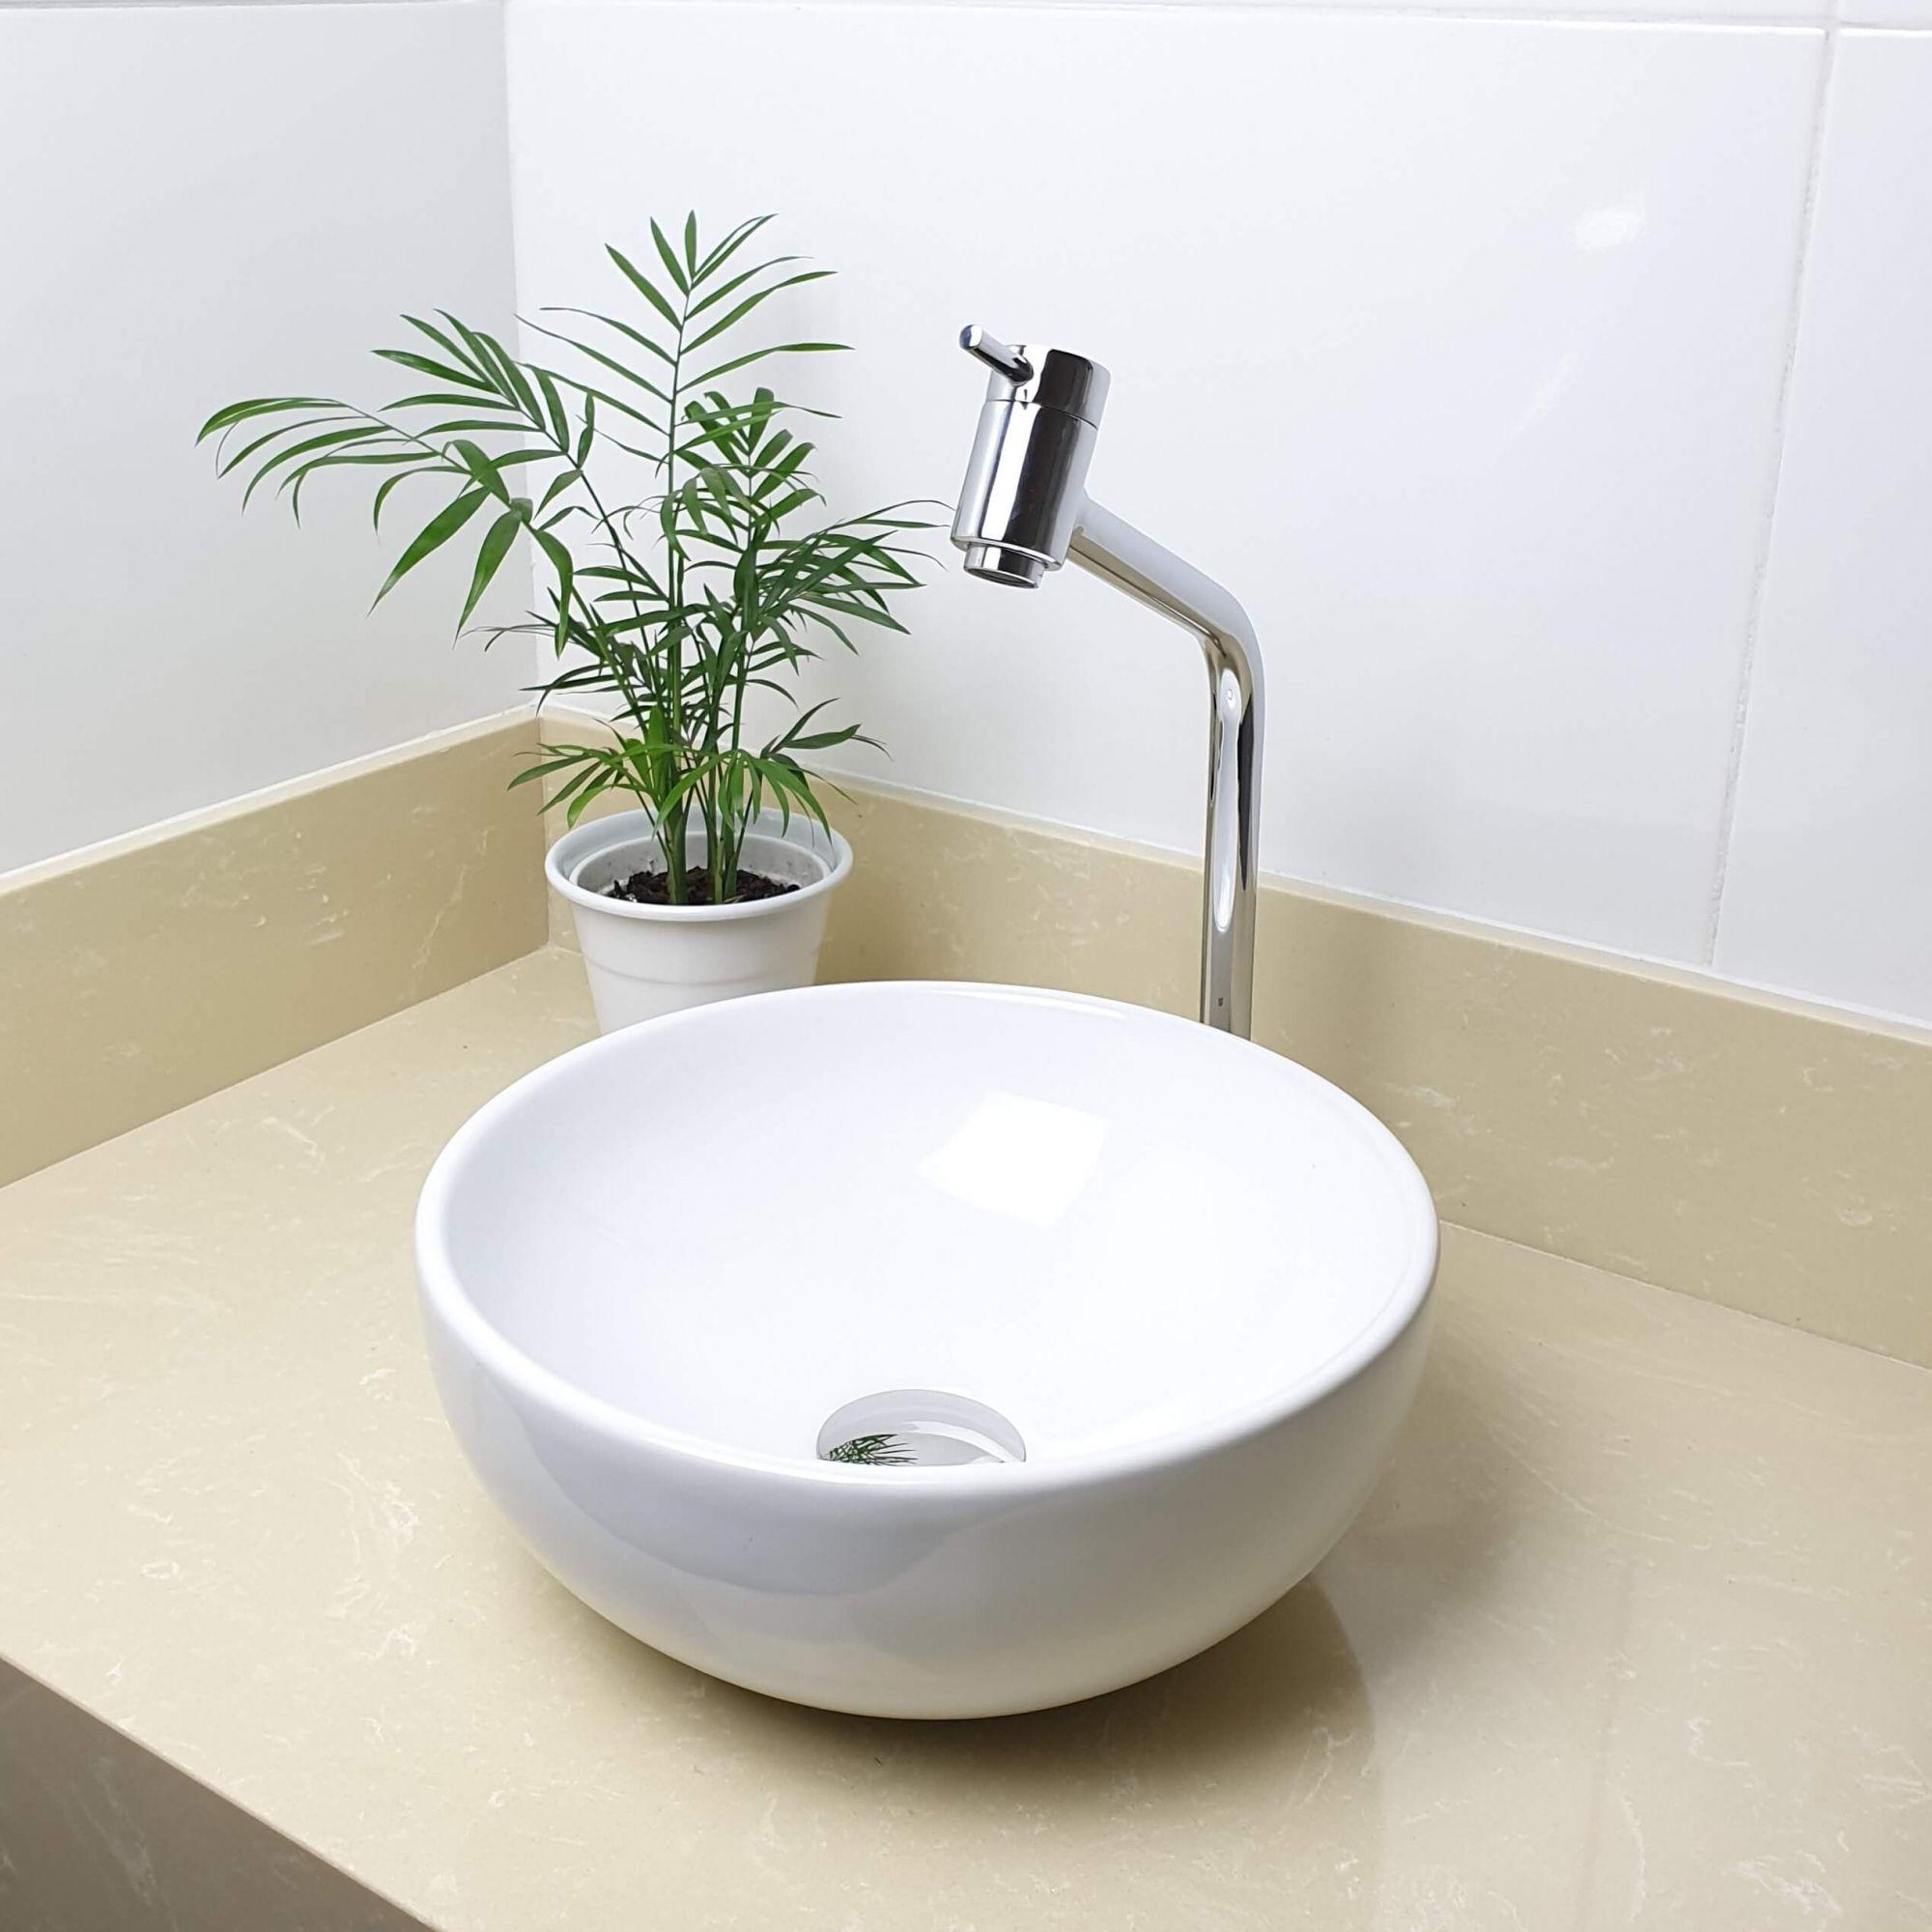 Cuba Banheiro Apoio Redonda 30x12cm com Torneira Bica Alta,  Válvula Click  Sifão e Flexível  - DOTEC SHOP